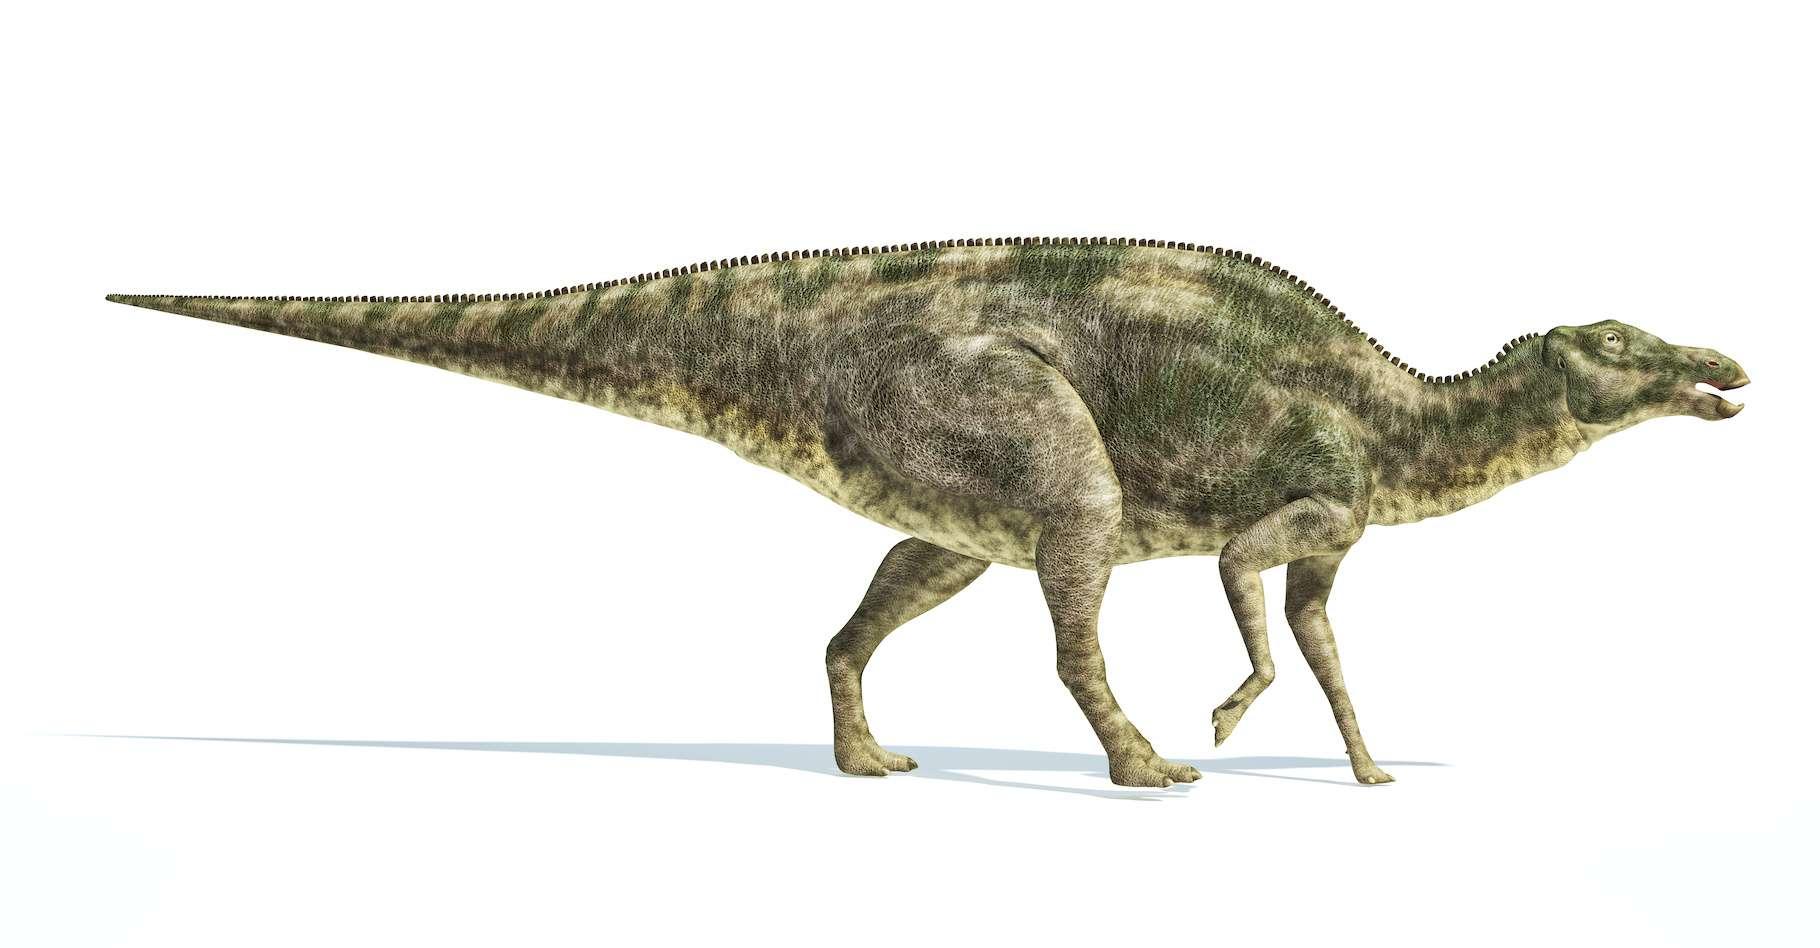 Le Maiasaura est un genre de dinosaure herbivore. Il fait partie de ceux dont les chercheurs de l'université de Yale (États-Unis) ont testé les coquilles d'œufs fossilisées afin de déterminer leur température corporelle. Celle-ci a été estimée à 44 °C soit 15 °C au-dessus de la température de l'environnement dans lequel ils évoluaient. © matis75, Adobe Stock